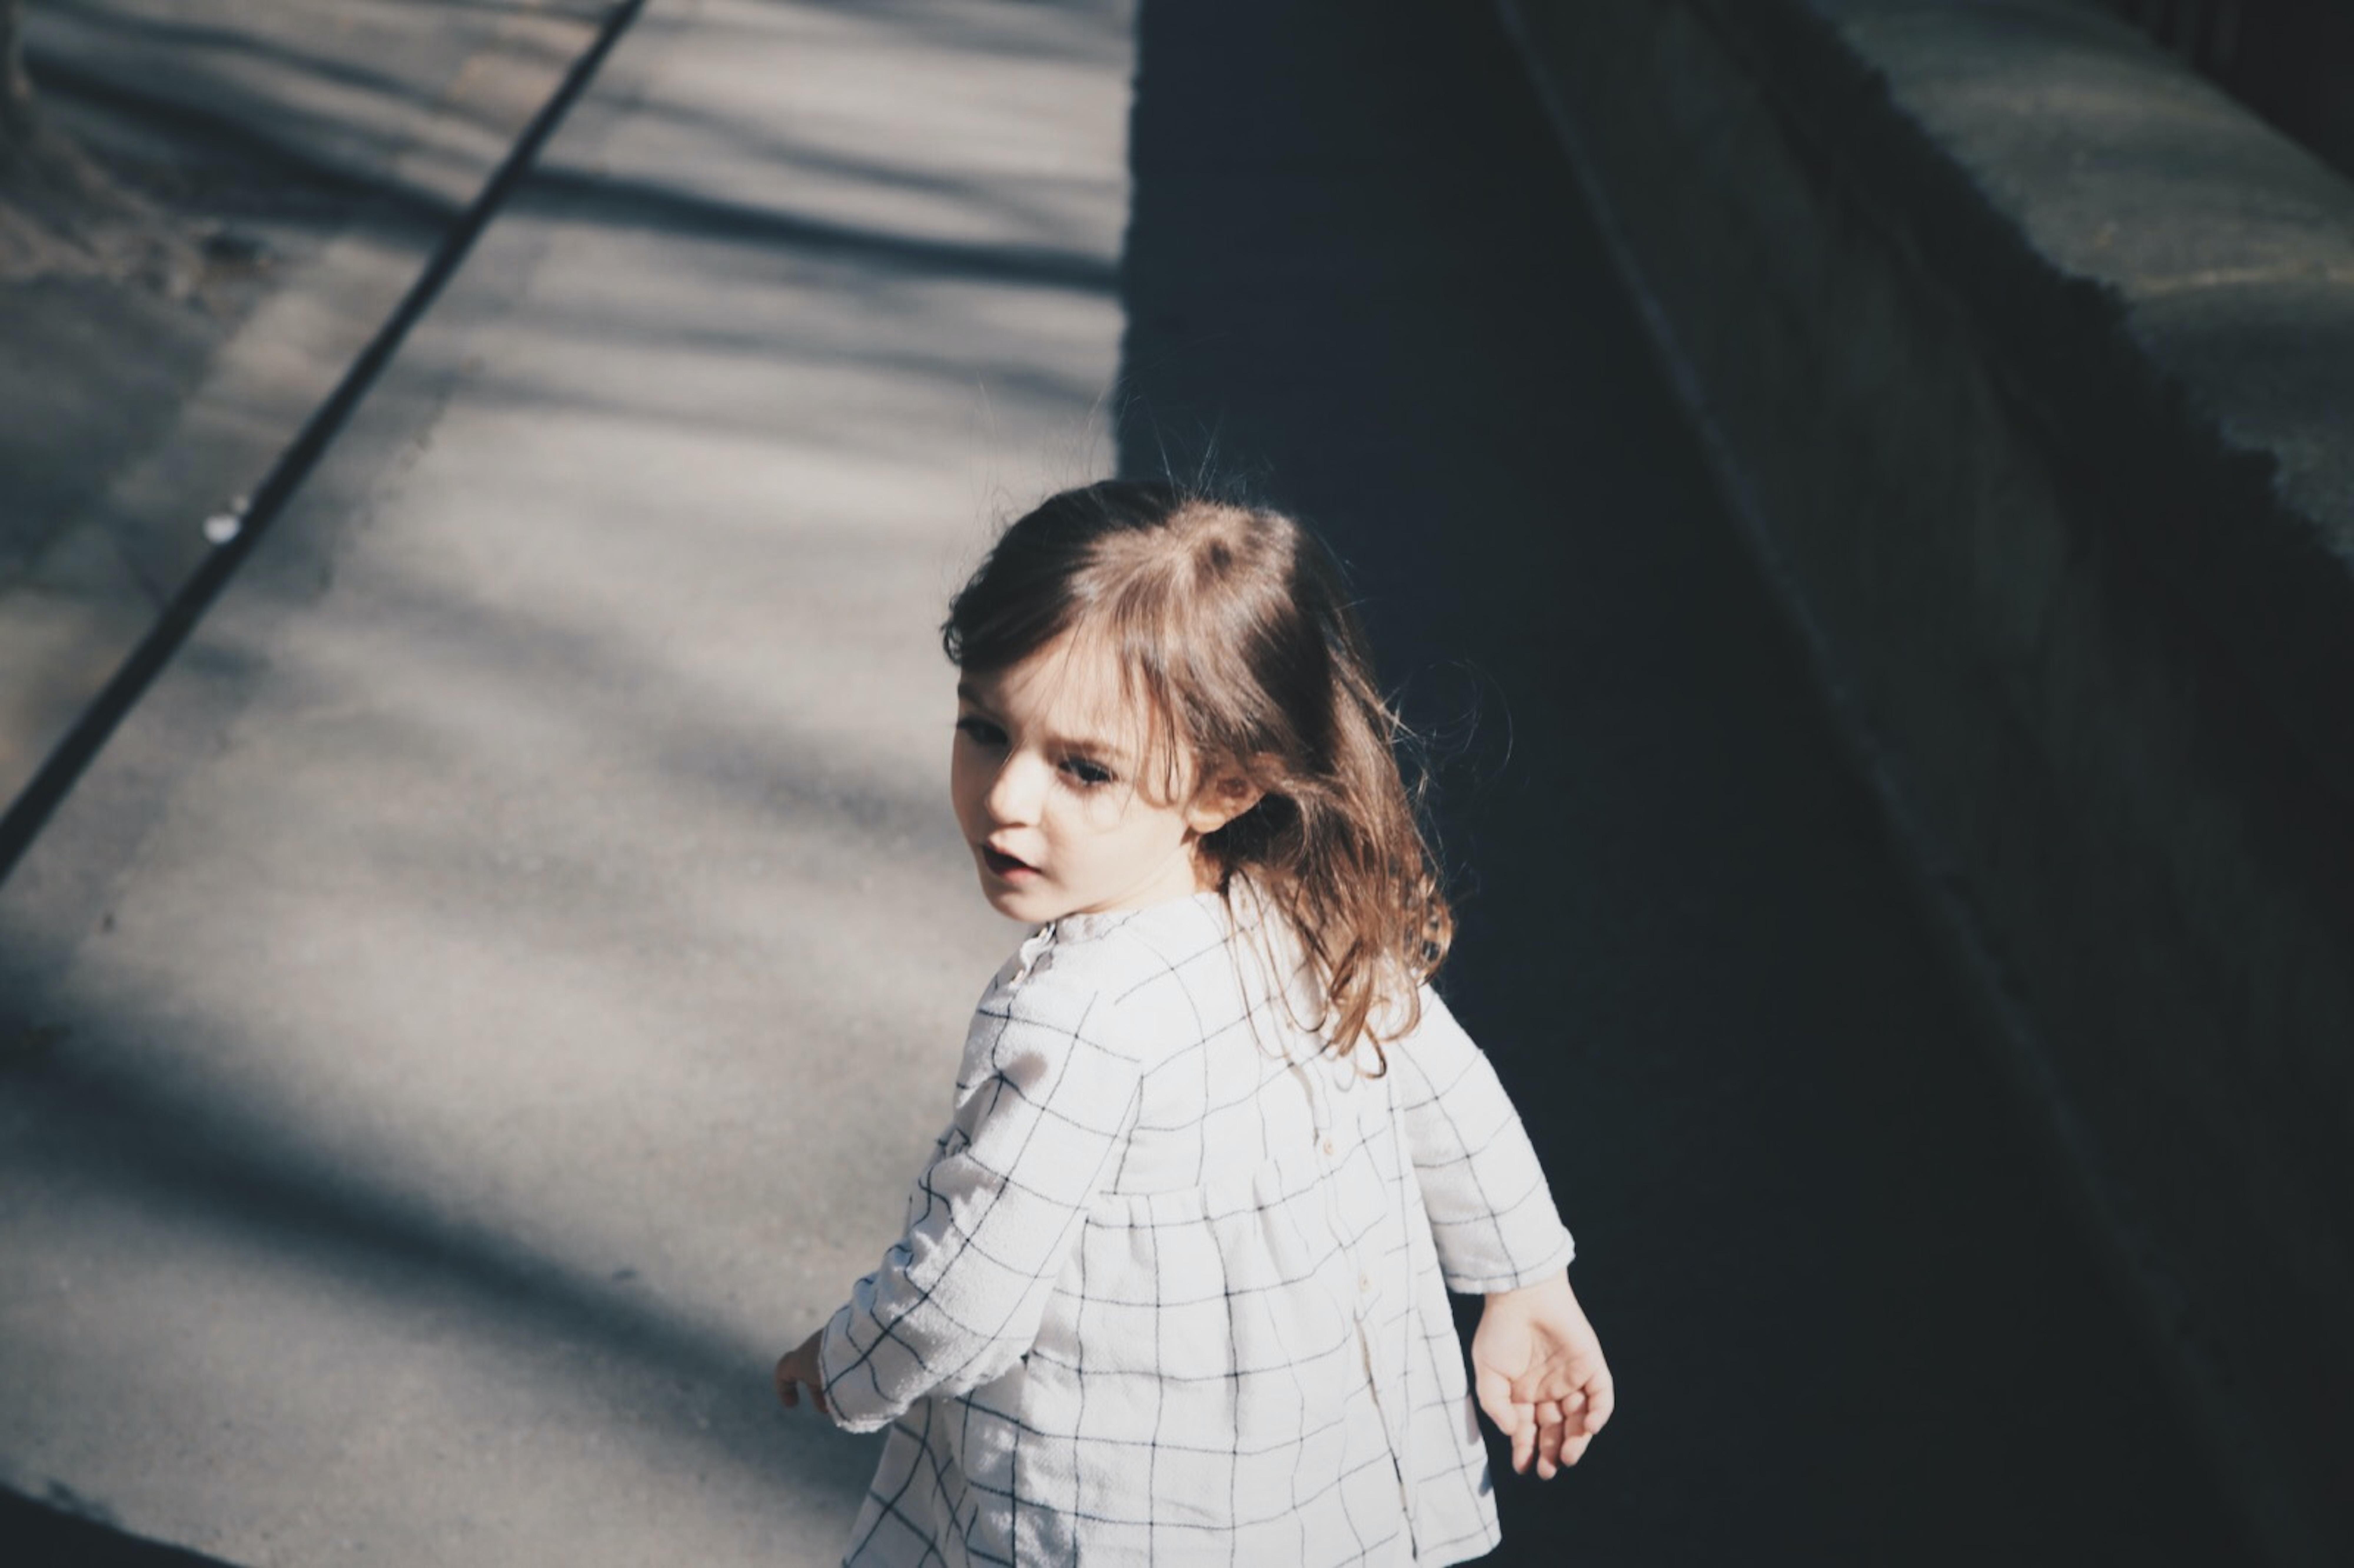 toddler girl walking on gray concrete road at daytime